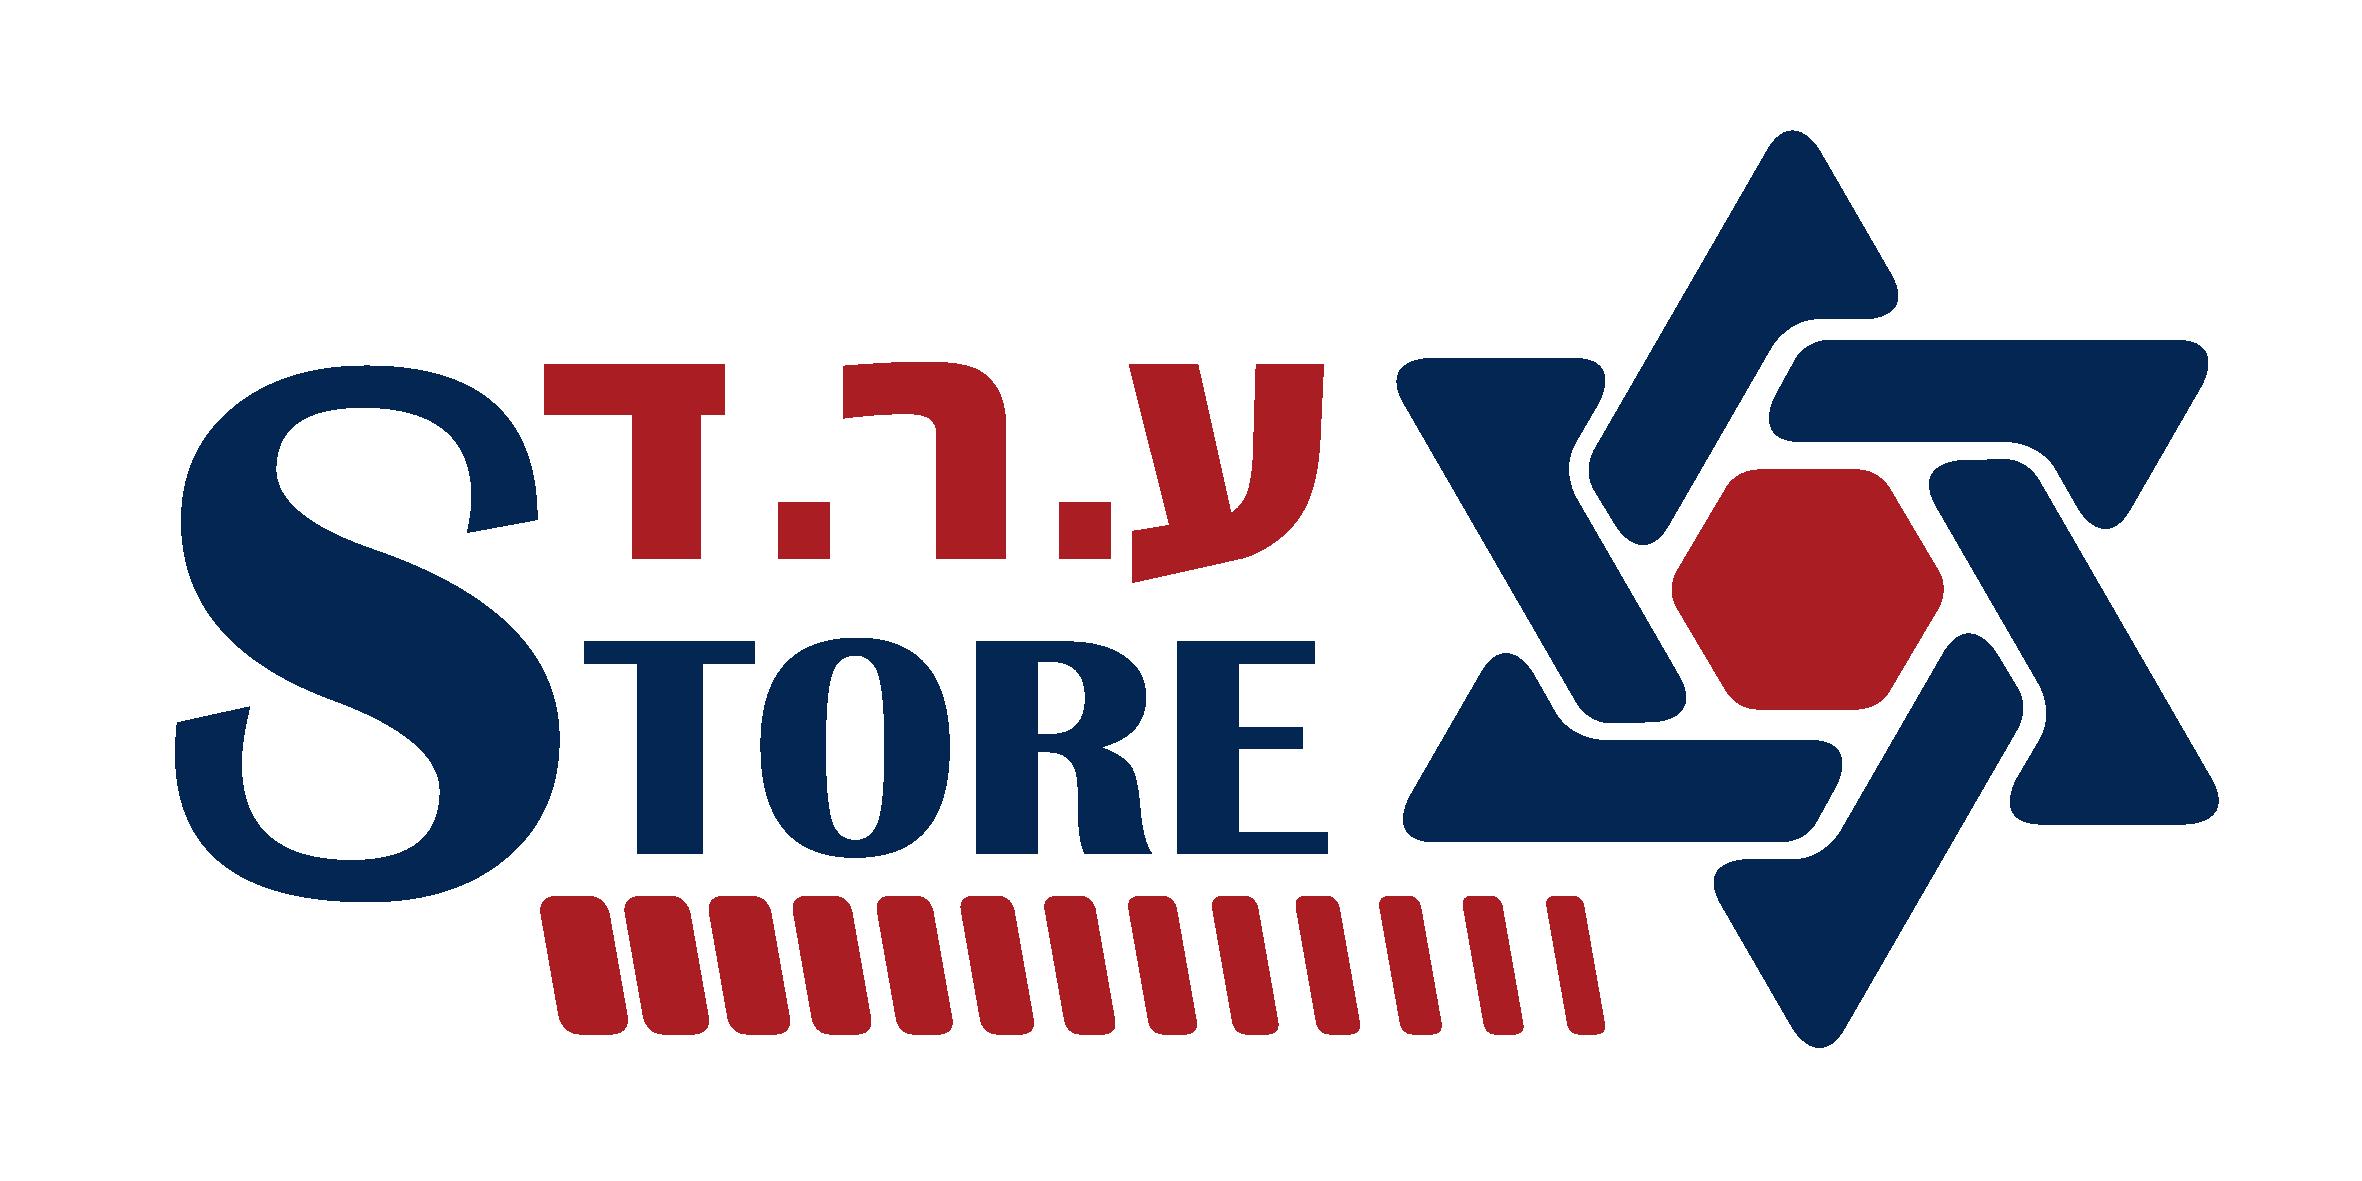 Arad Store - חומרי אריזה והובלה